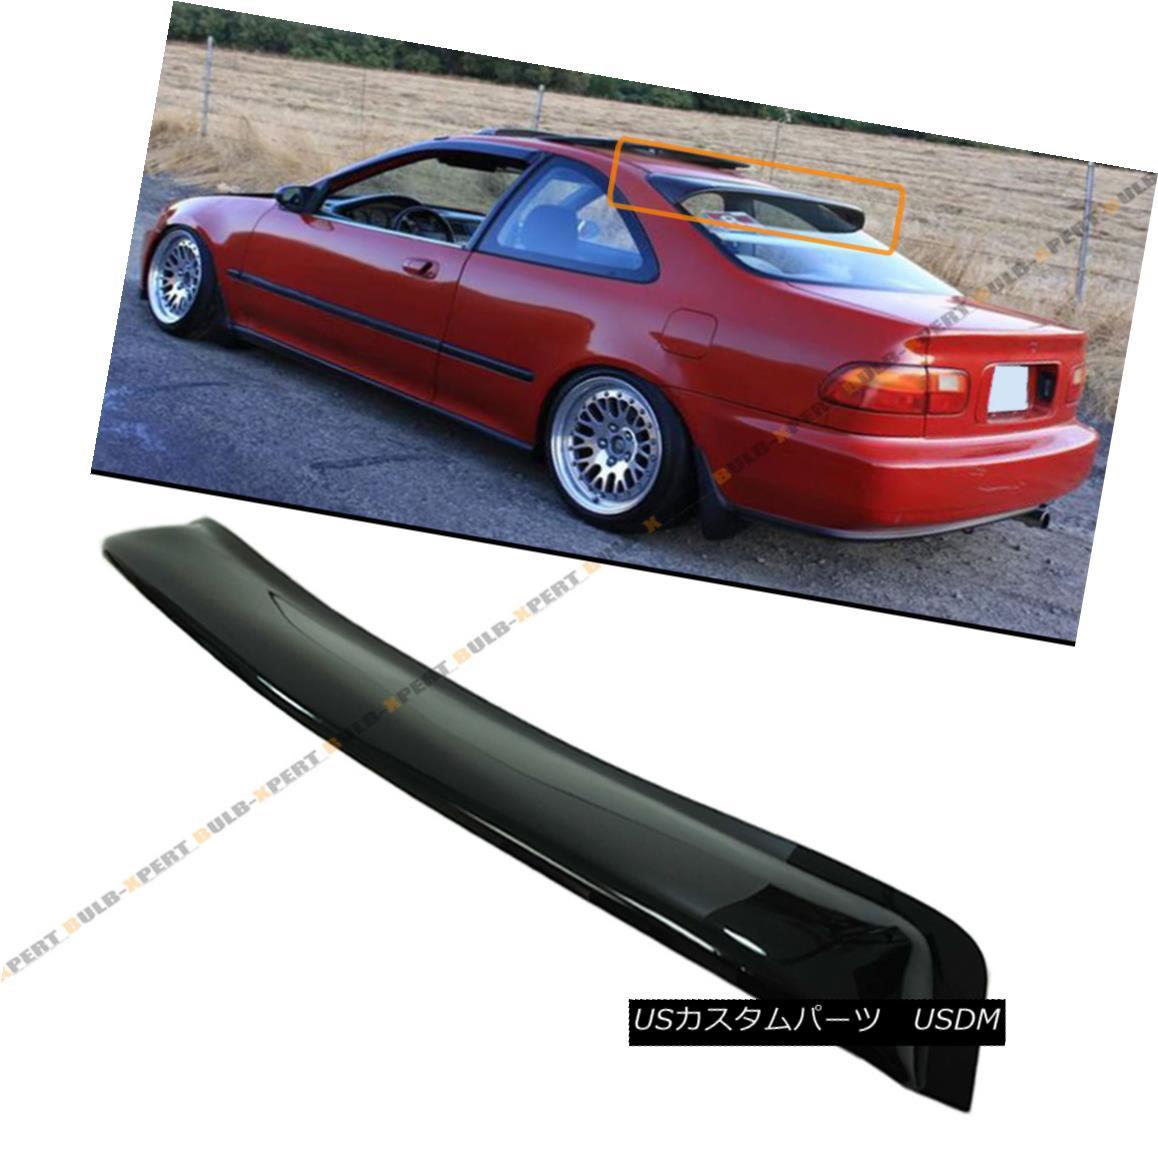 エアロパーツ FOR 1992-95 HONDA CIVIC 2DR COUPE BLK SMOKE REAR ROOF WINDOW VISOR WING SPOILER 1992-95ホンダシビック2DRクーペBLK SMOKE REAR ROOF WINDOW VISOR WING SPOILER